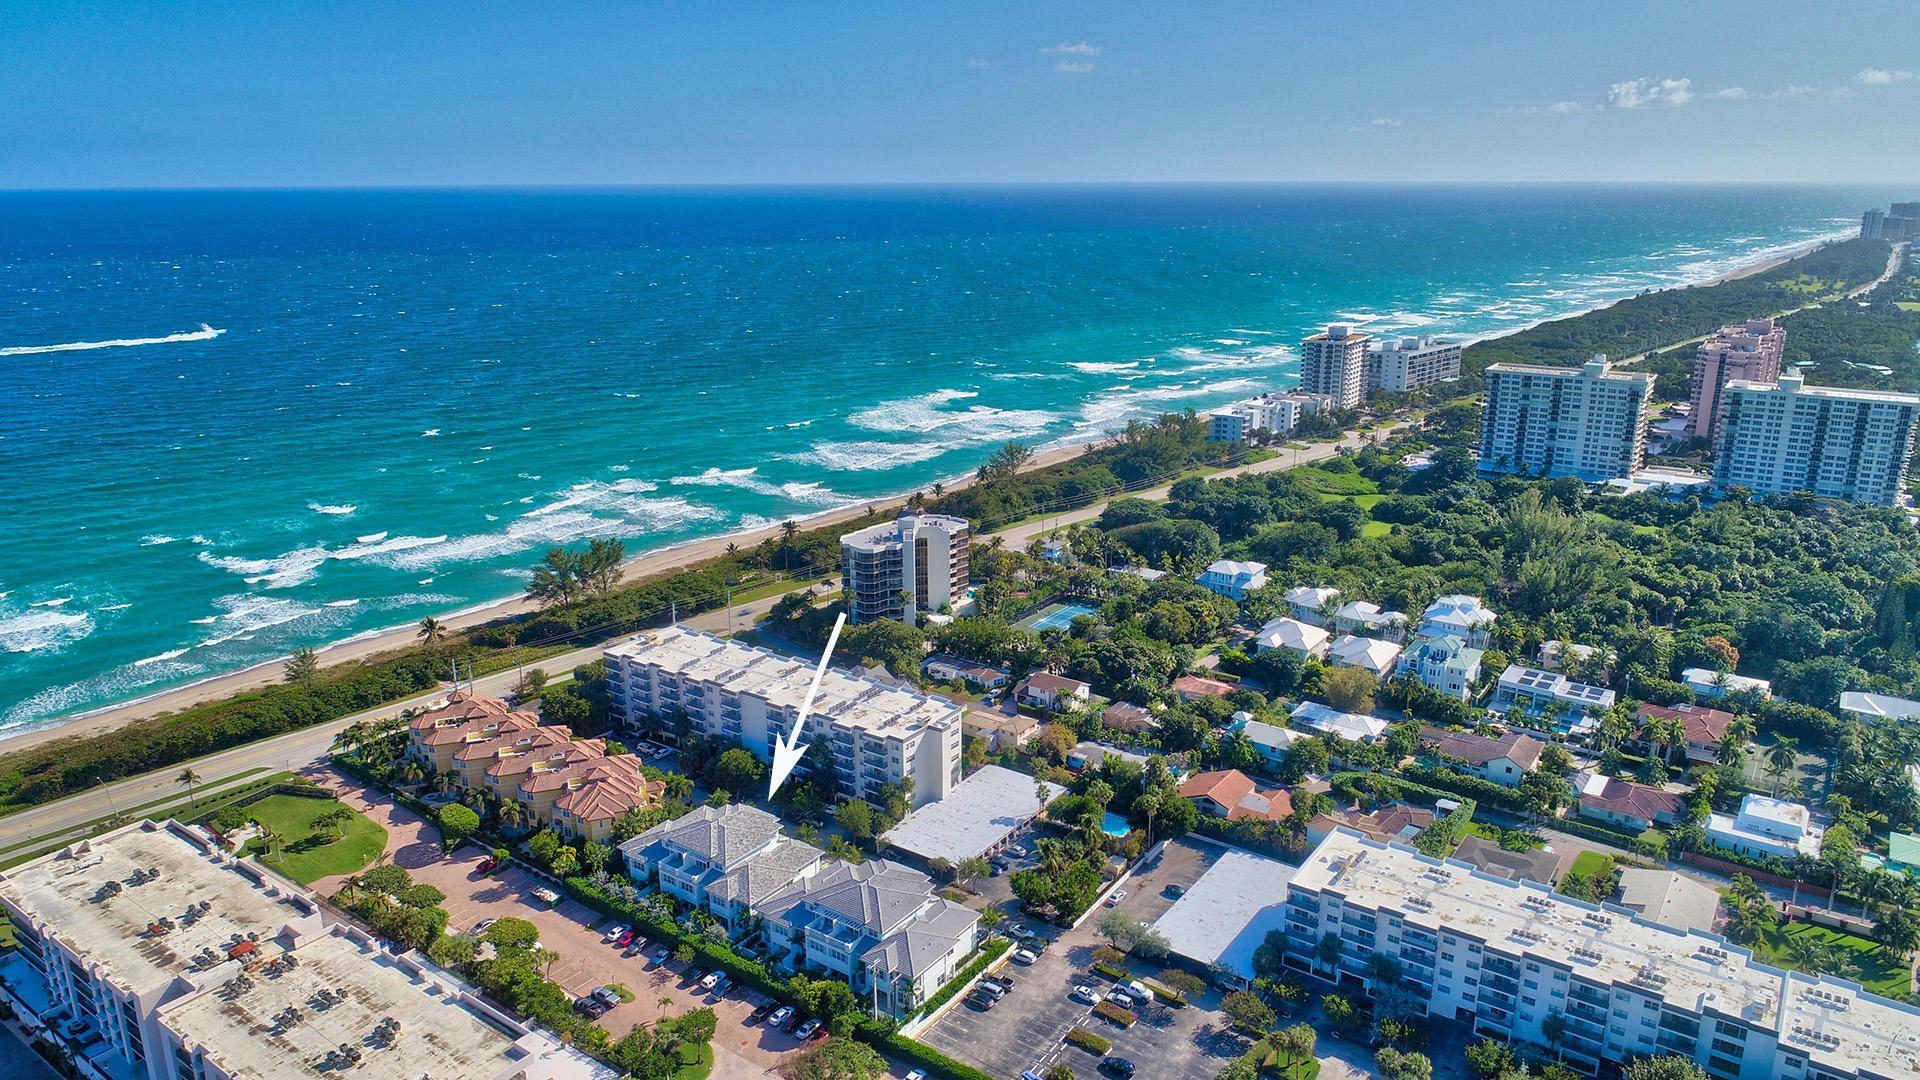 957 Sweetwater Lane, Boca Raton, FL 33431 - #: RX-10617809